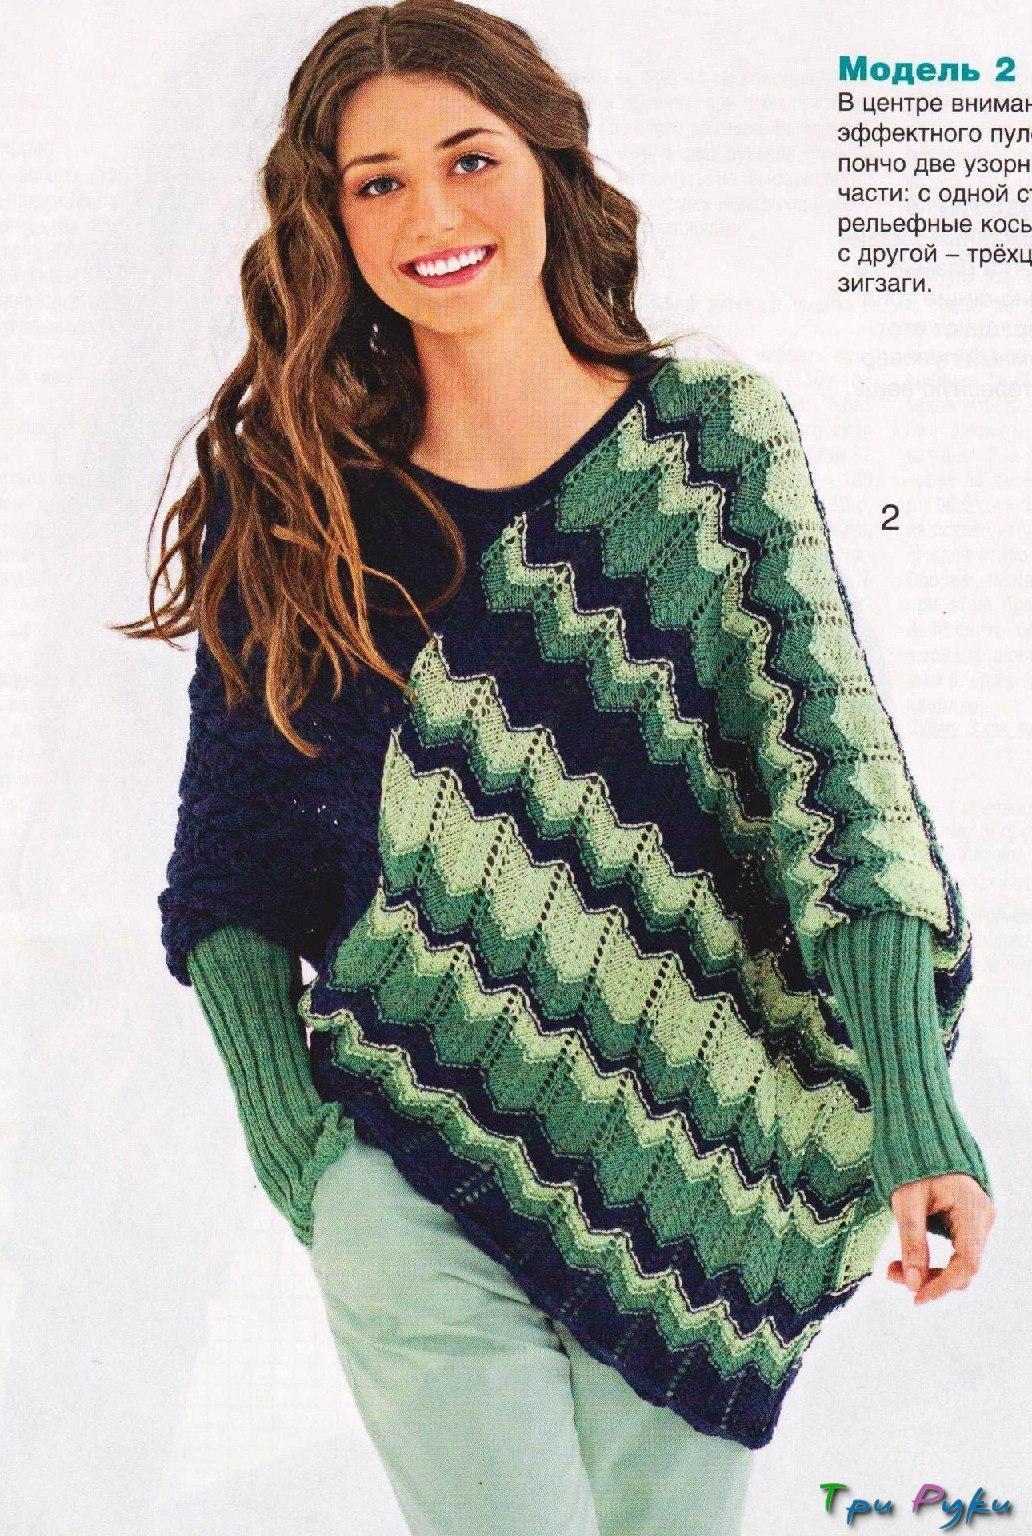 Пончо - пуловер